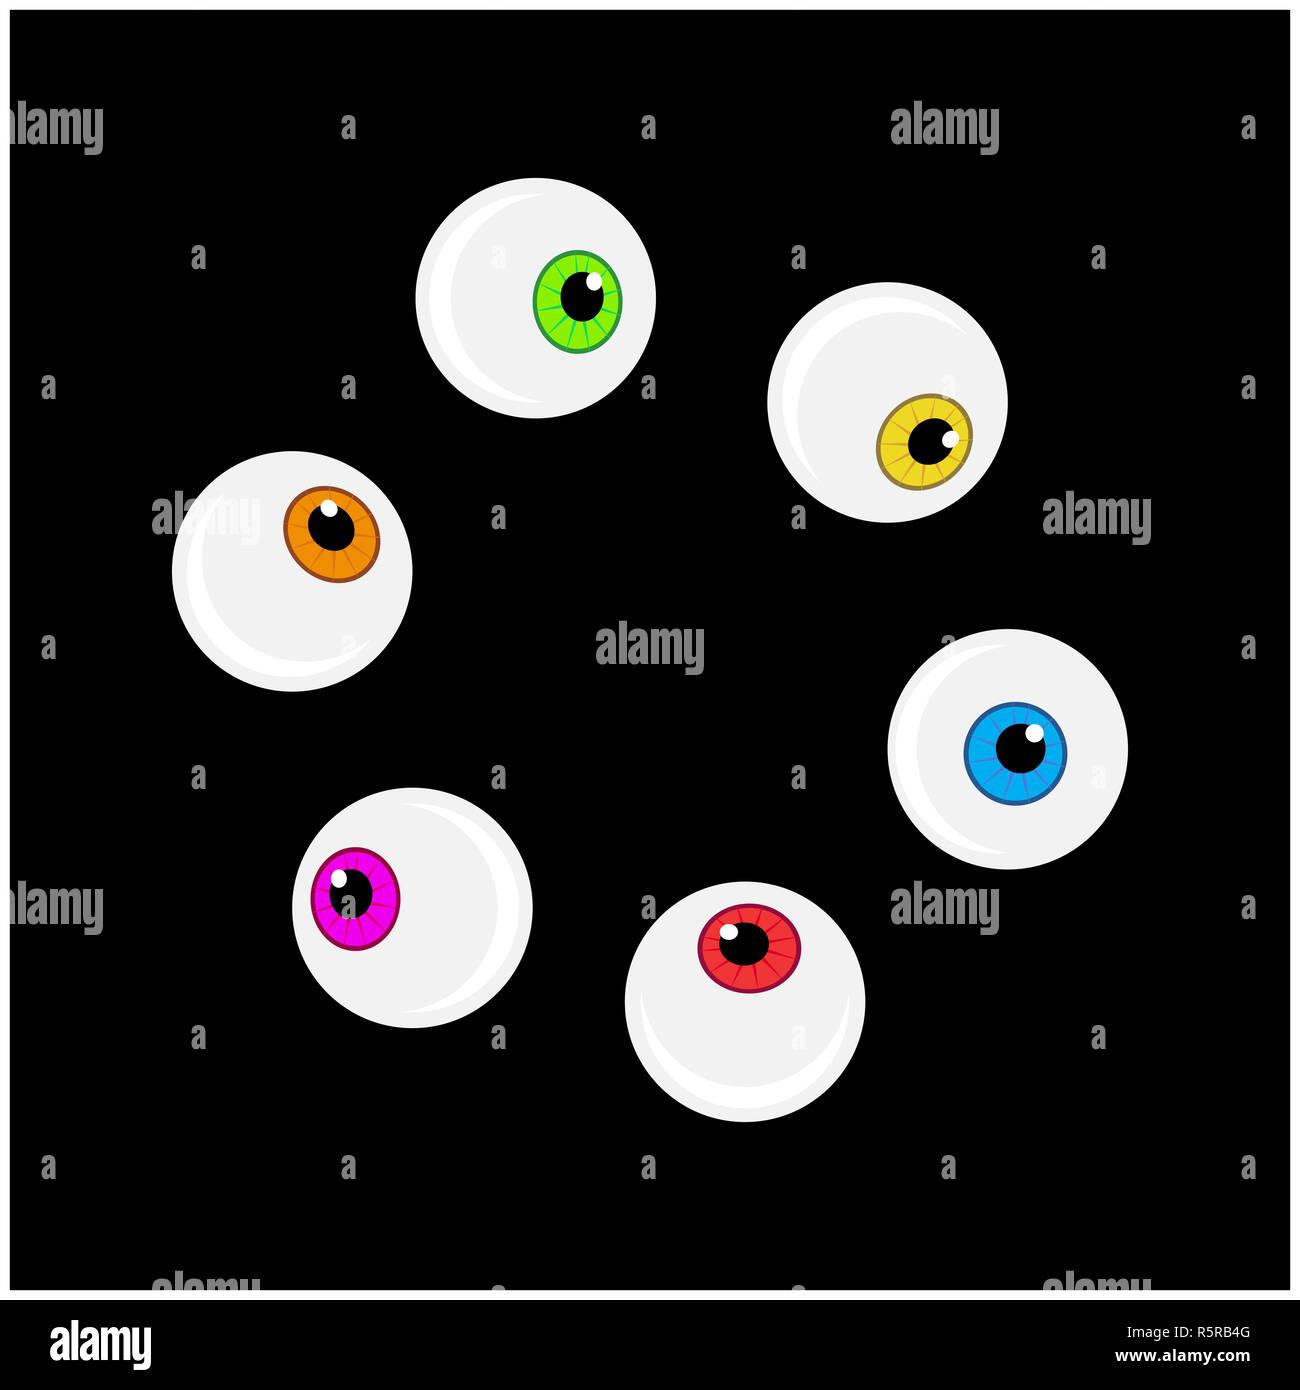 Globe oculaire Halloween jeu de symboles vectoriels. Caricature colorée de l'œil, élève de clipart illustration isolé sur fond noir. Photo Stock